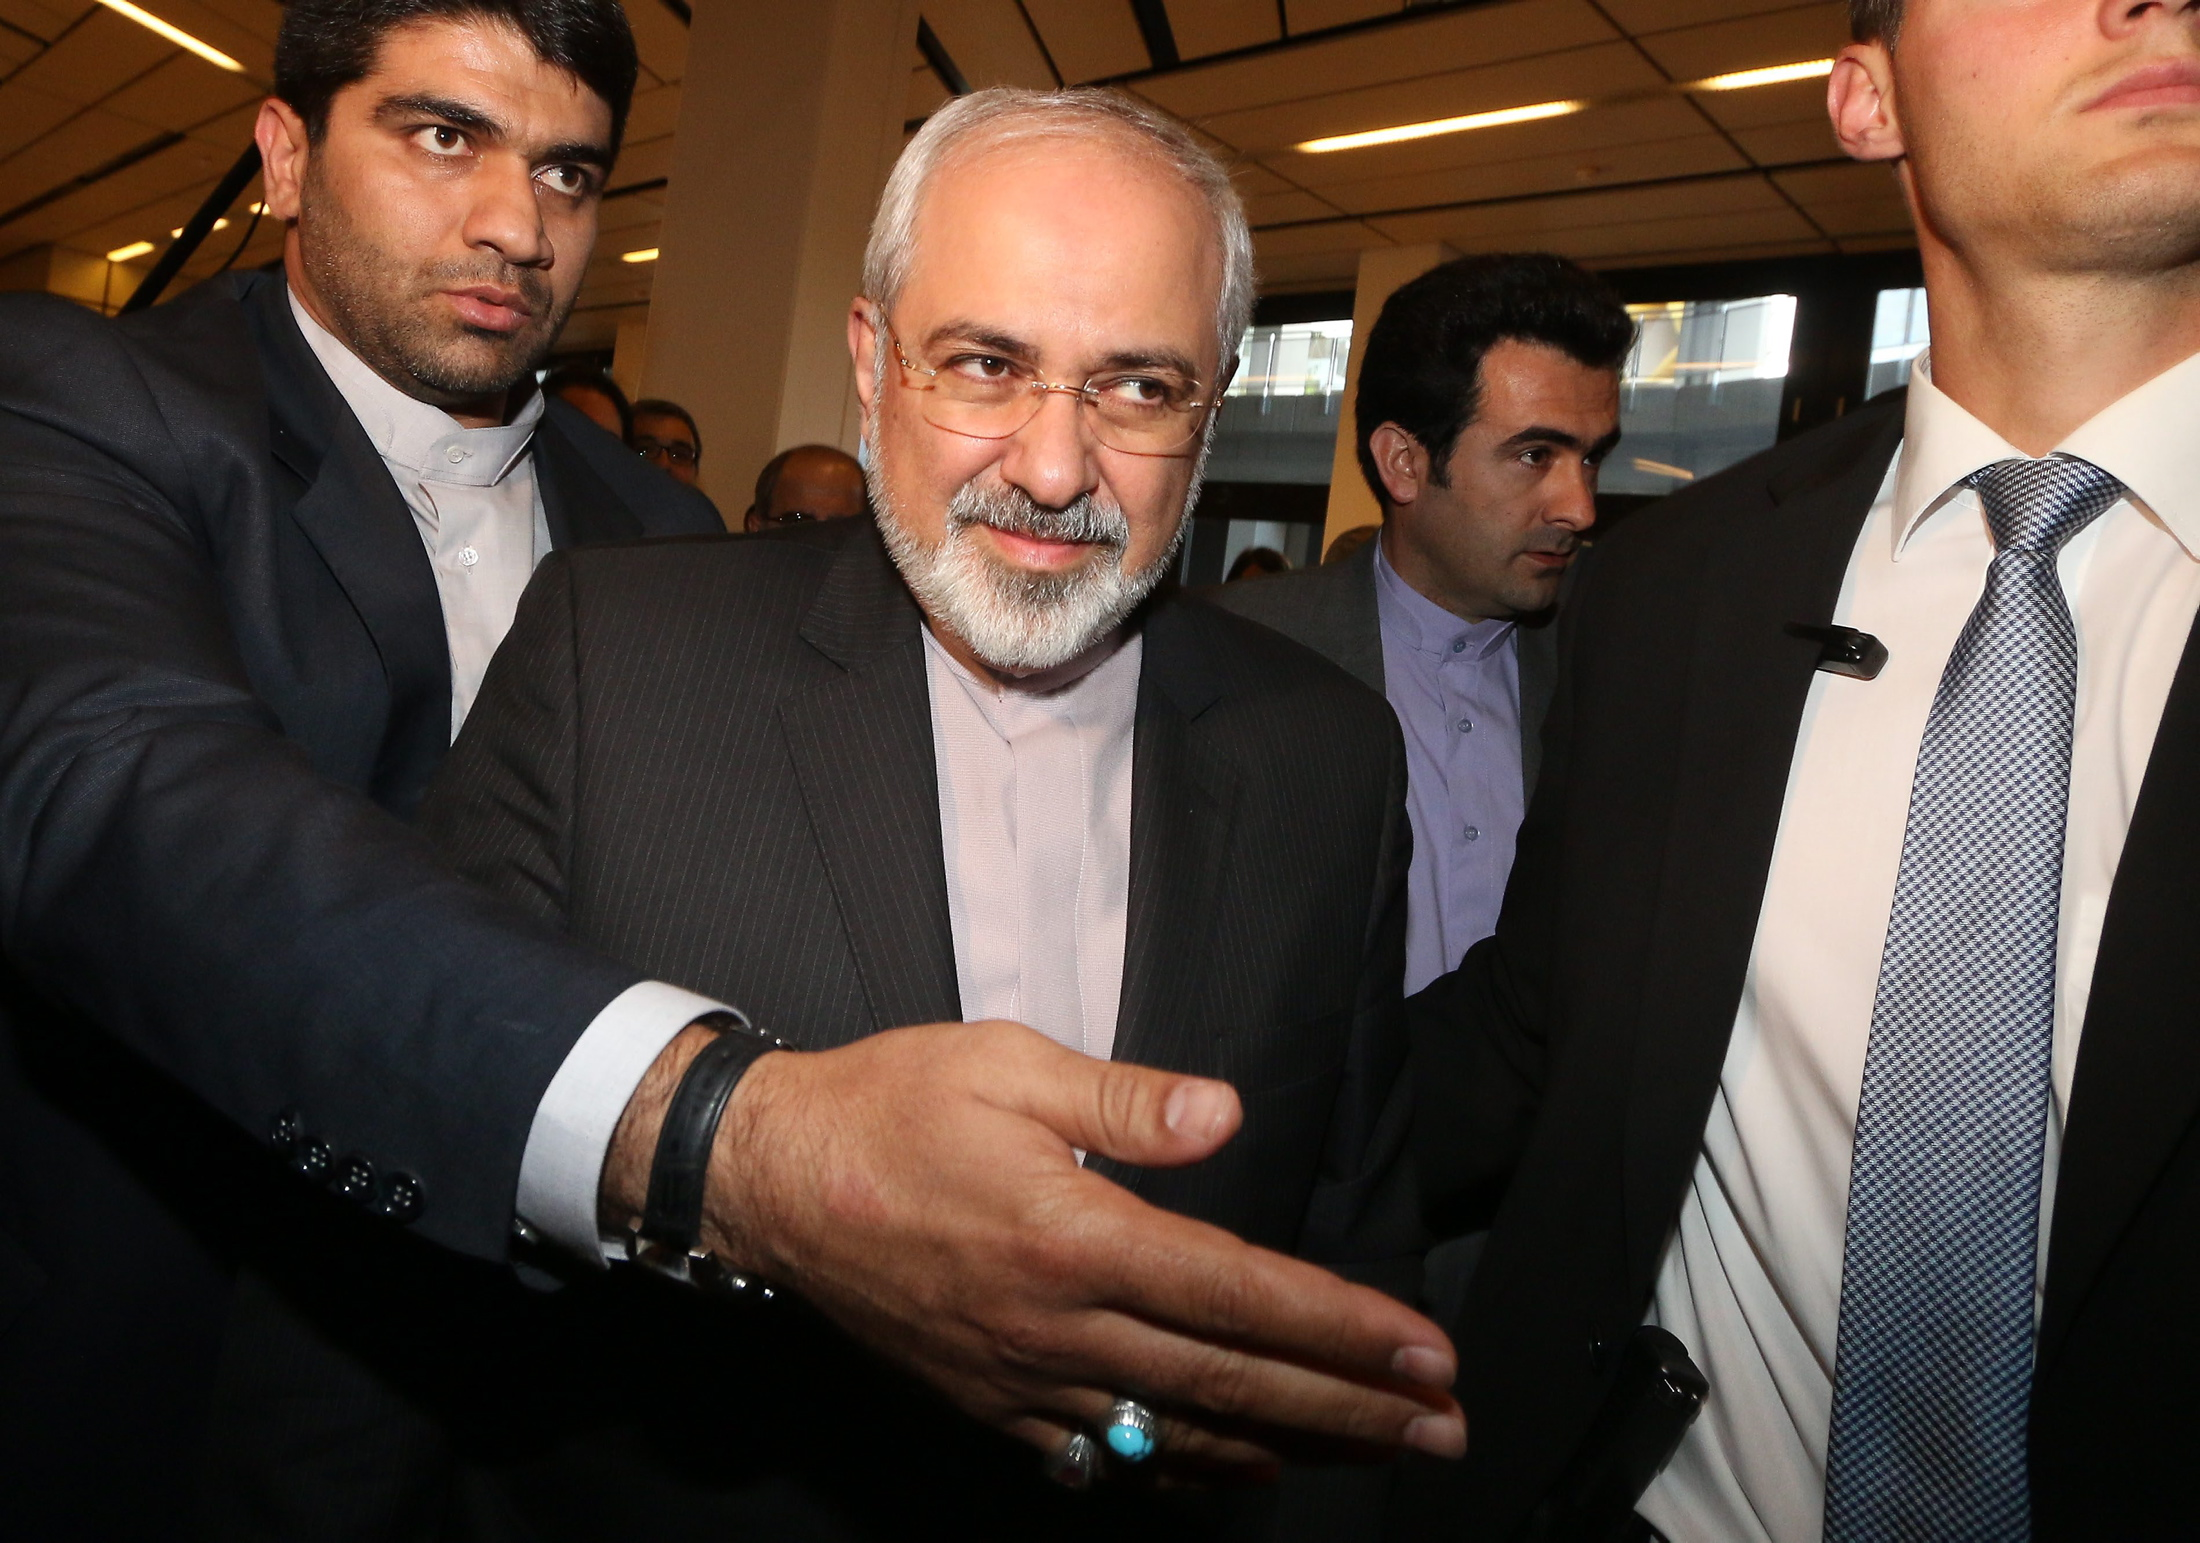 إسرائيل قلقة من تراخي الولايات المتحدة وتضغط على الدول الكبرى لإبداء تشدد في المحادثات مع إيران